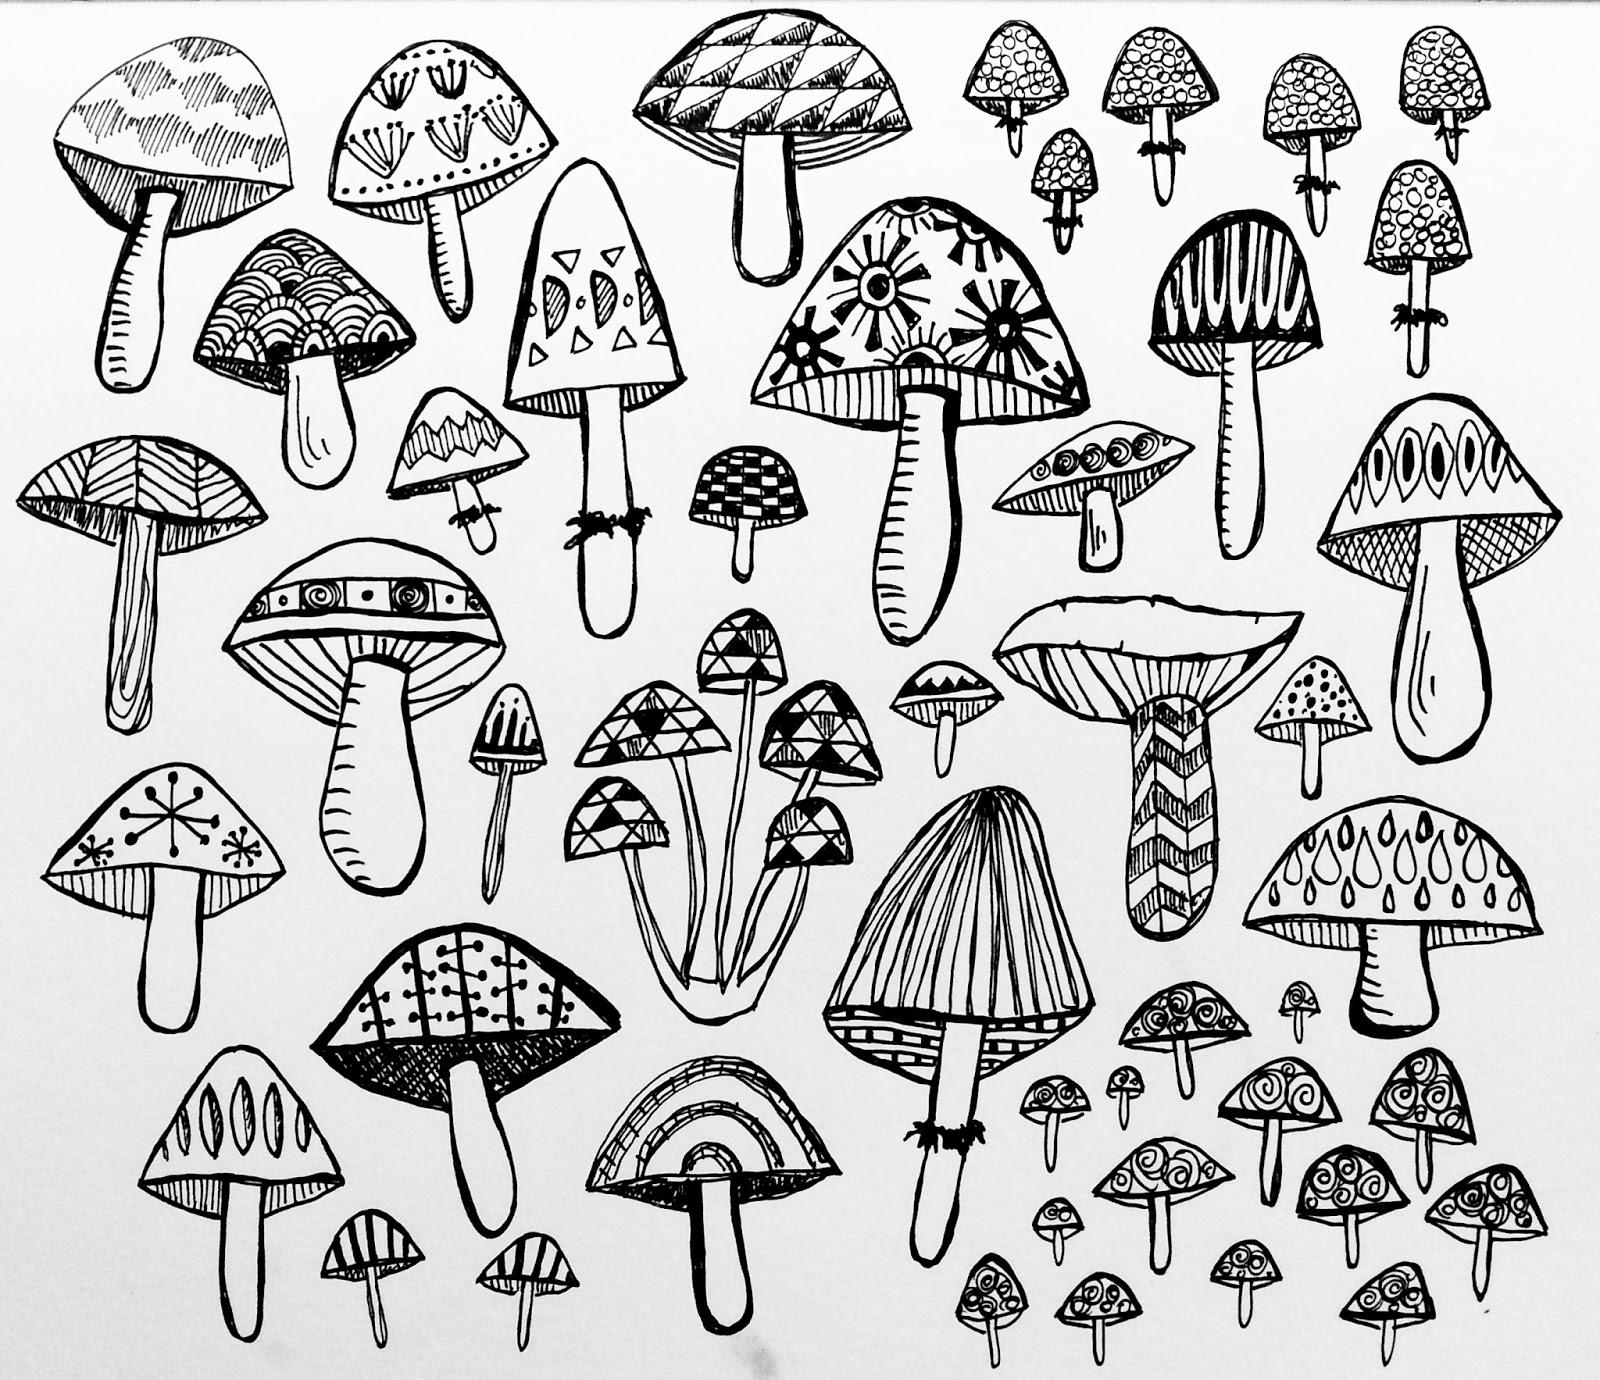 1600x1380 The Rare Pear Studio Blog How To Draw A Mushroom Because I